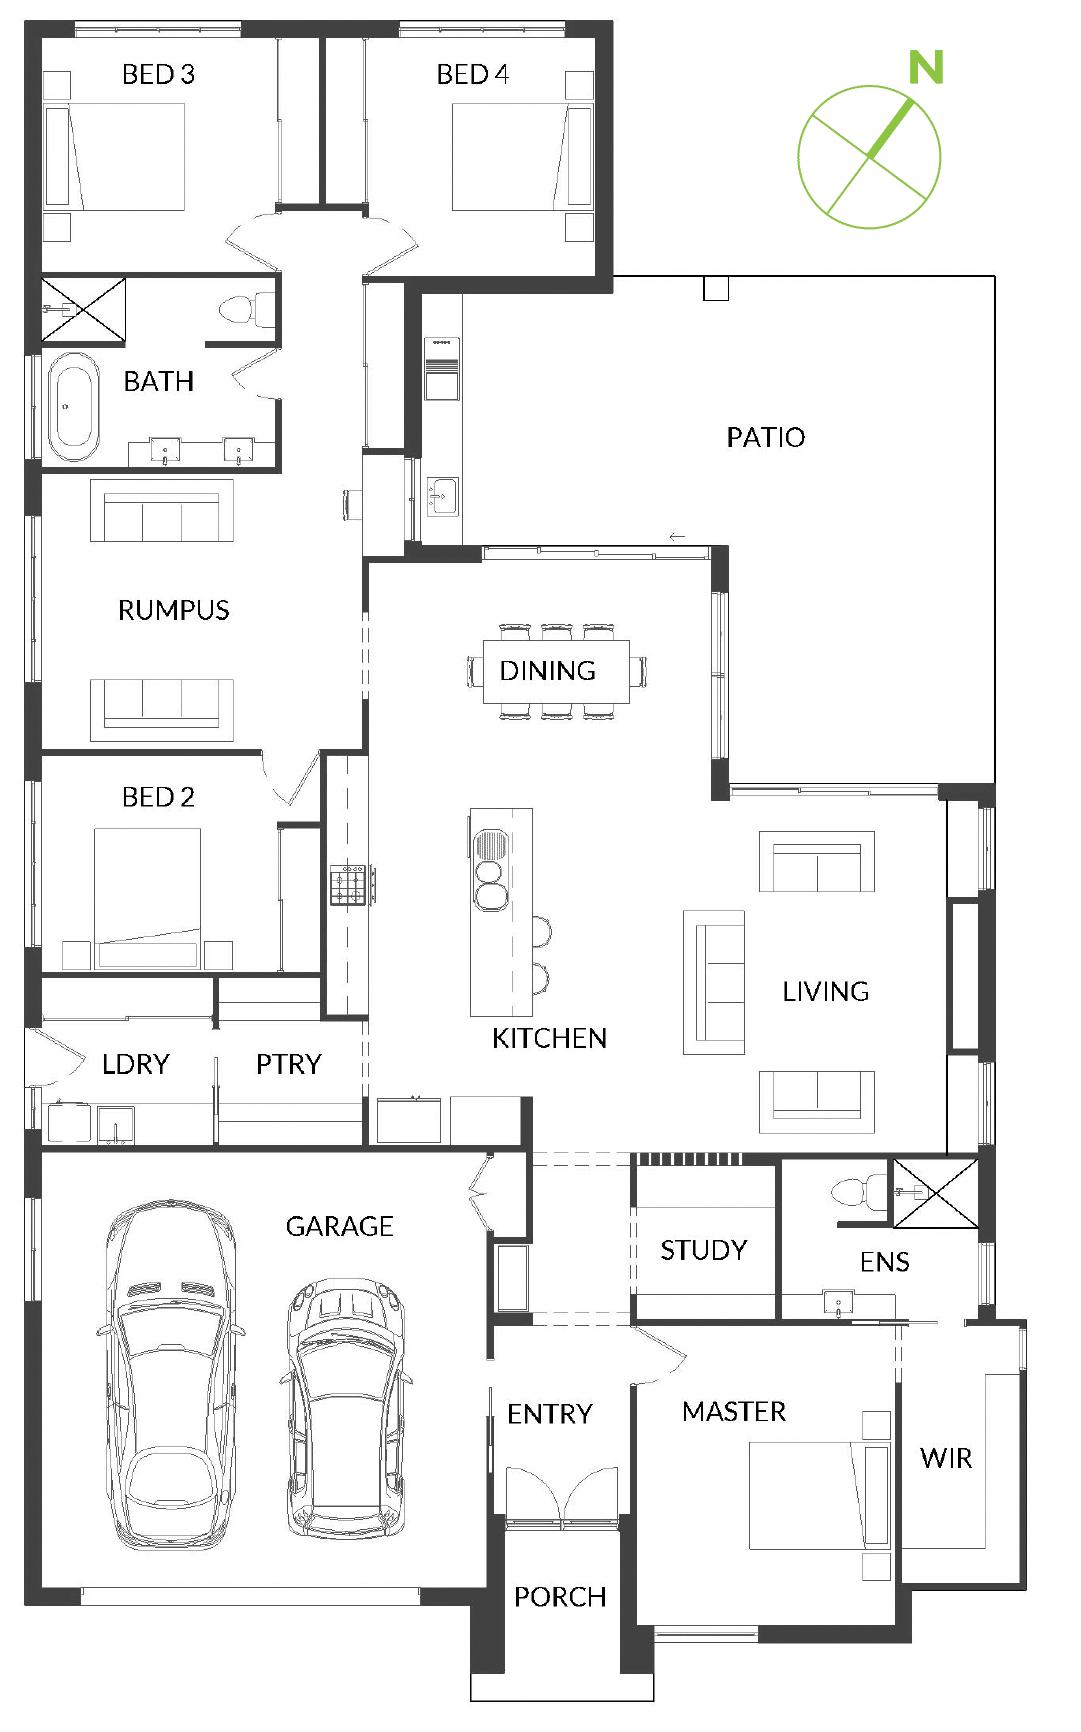 Genesis_plan